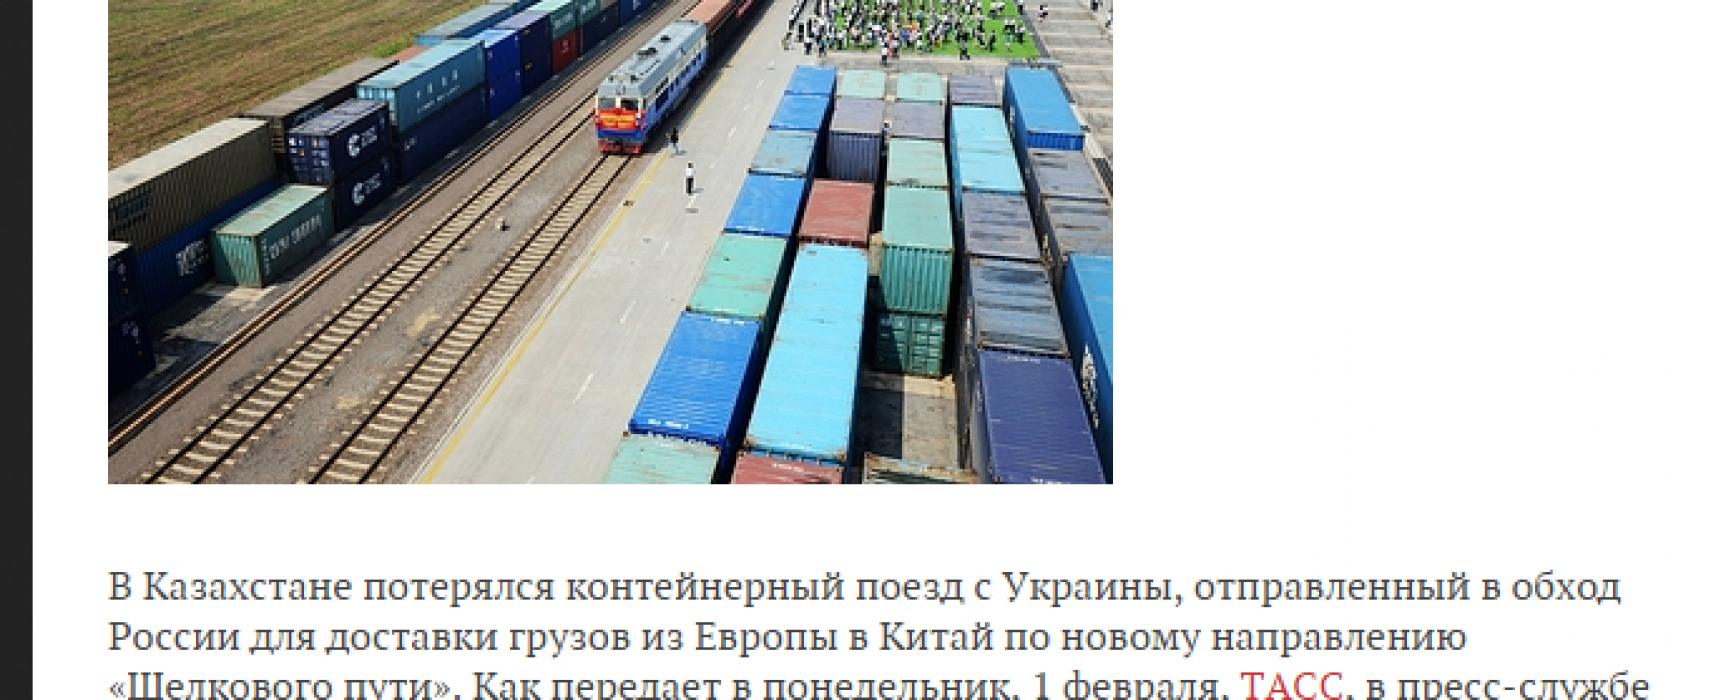 Fals: Un tren ucrainean s-a pierdut în Kazahstan